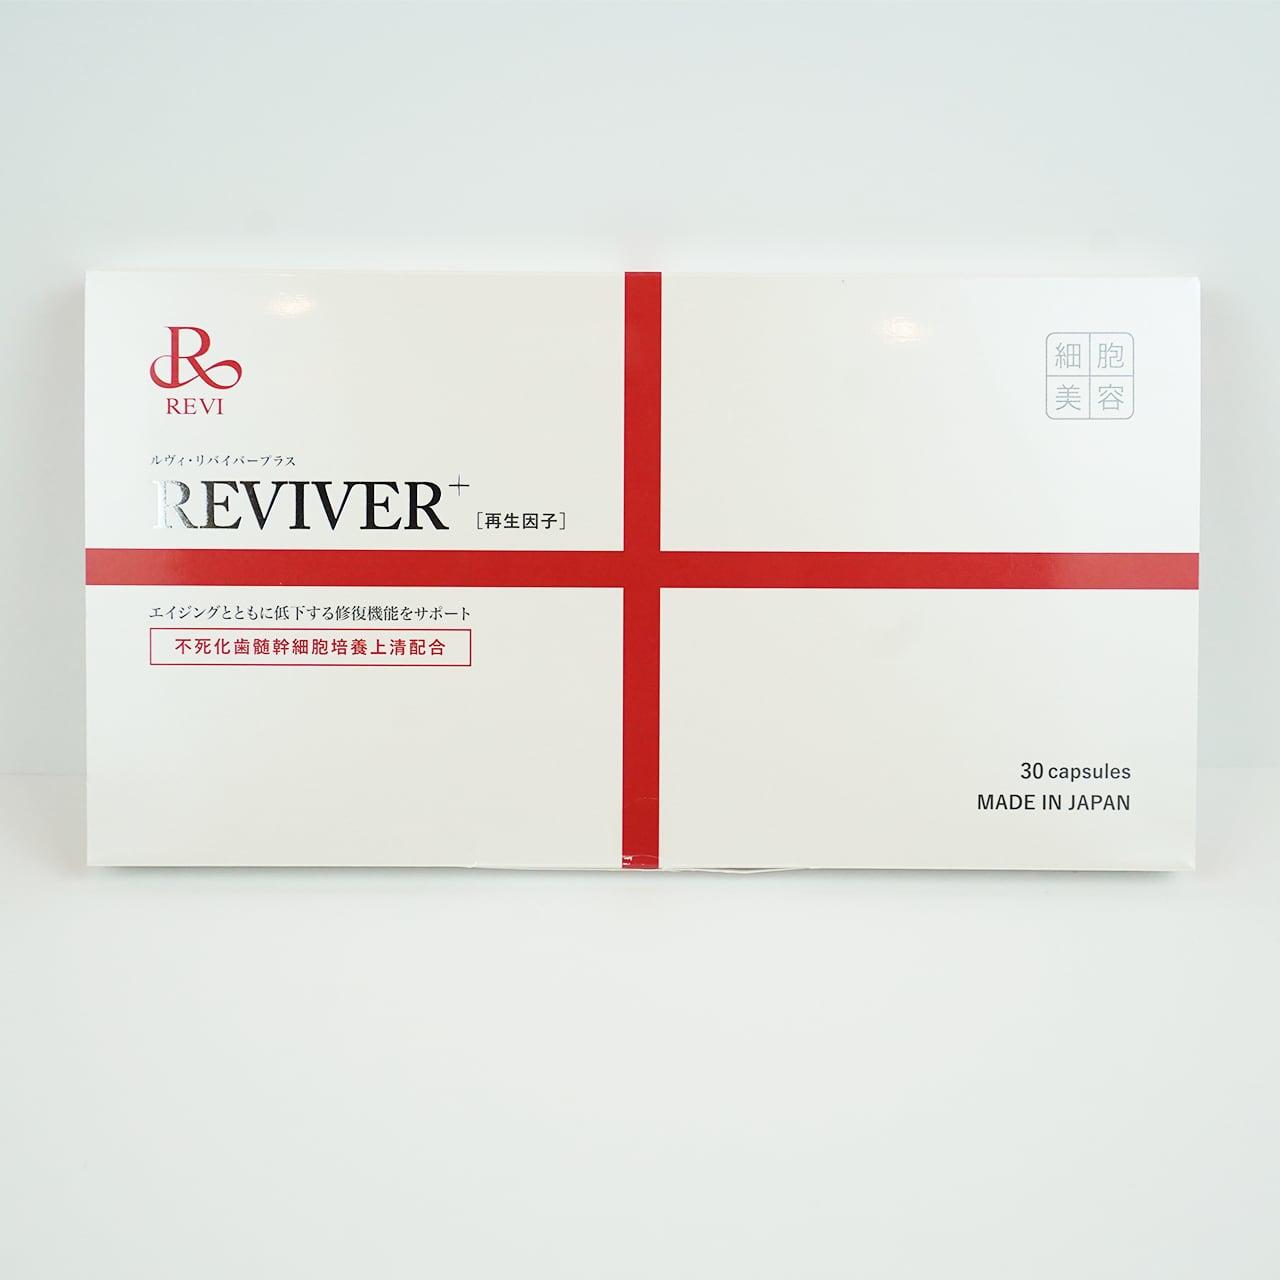 REVI リヴァイバープラス